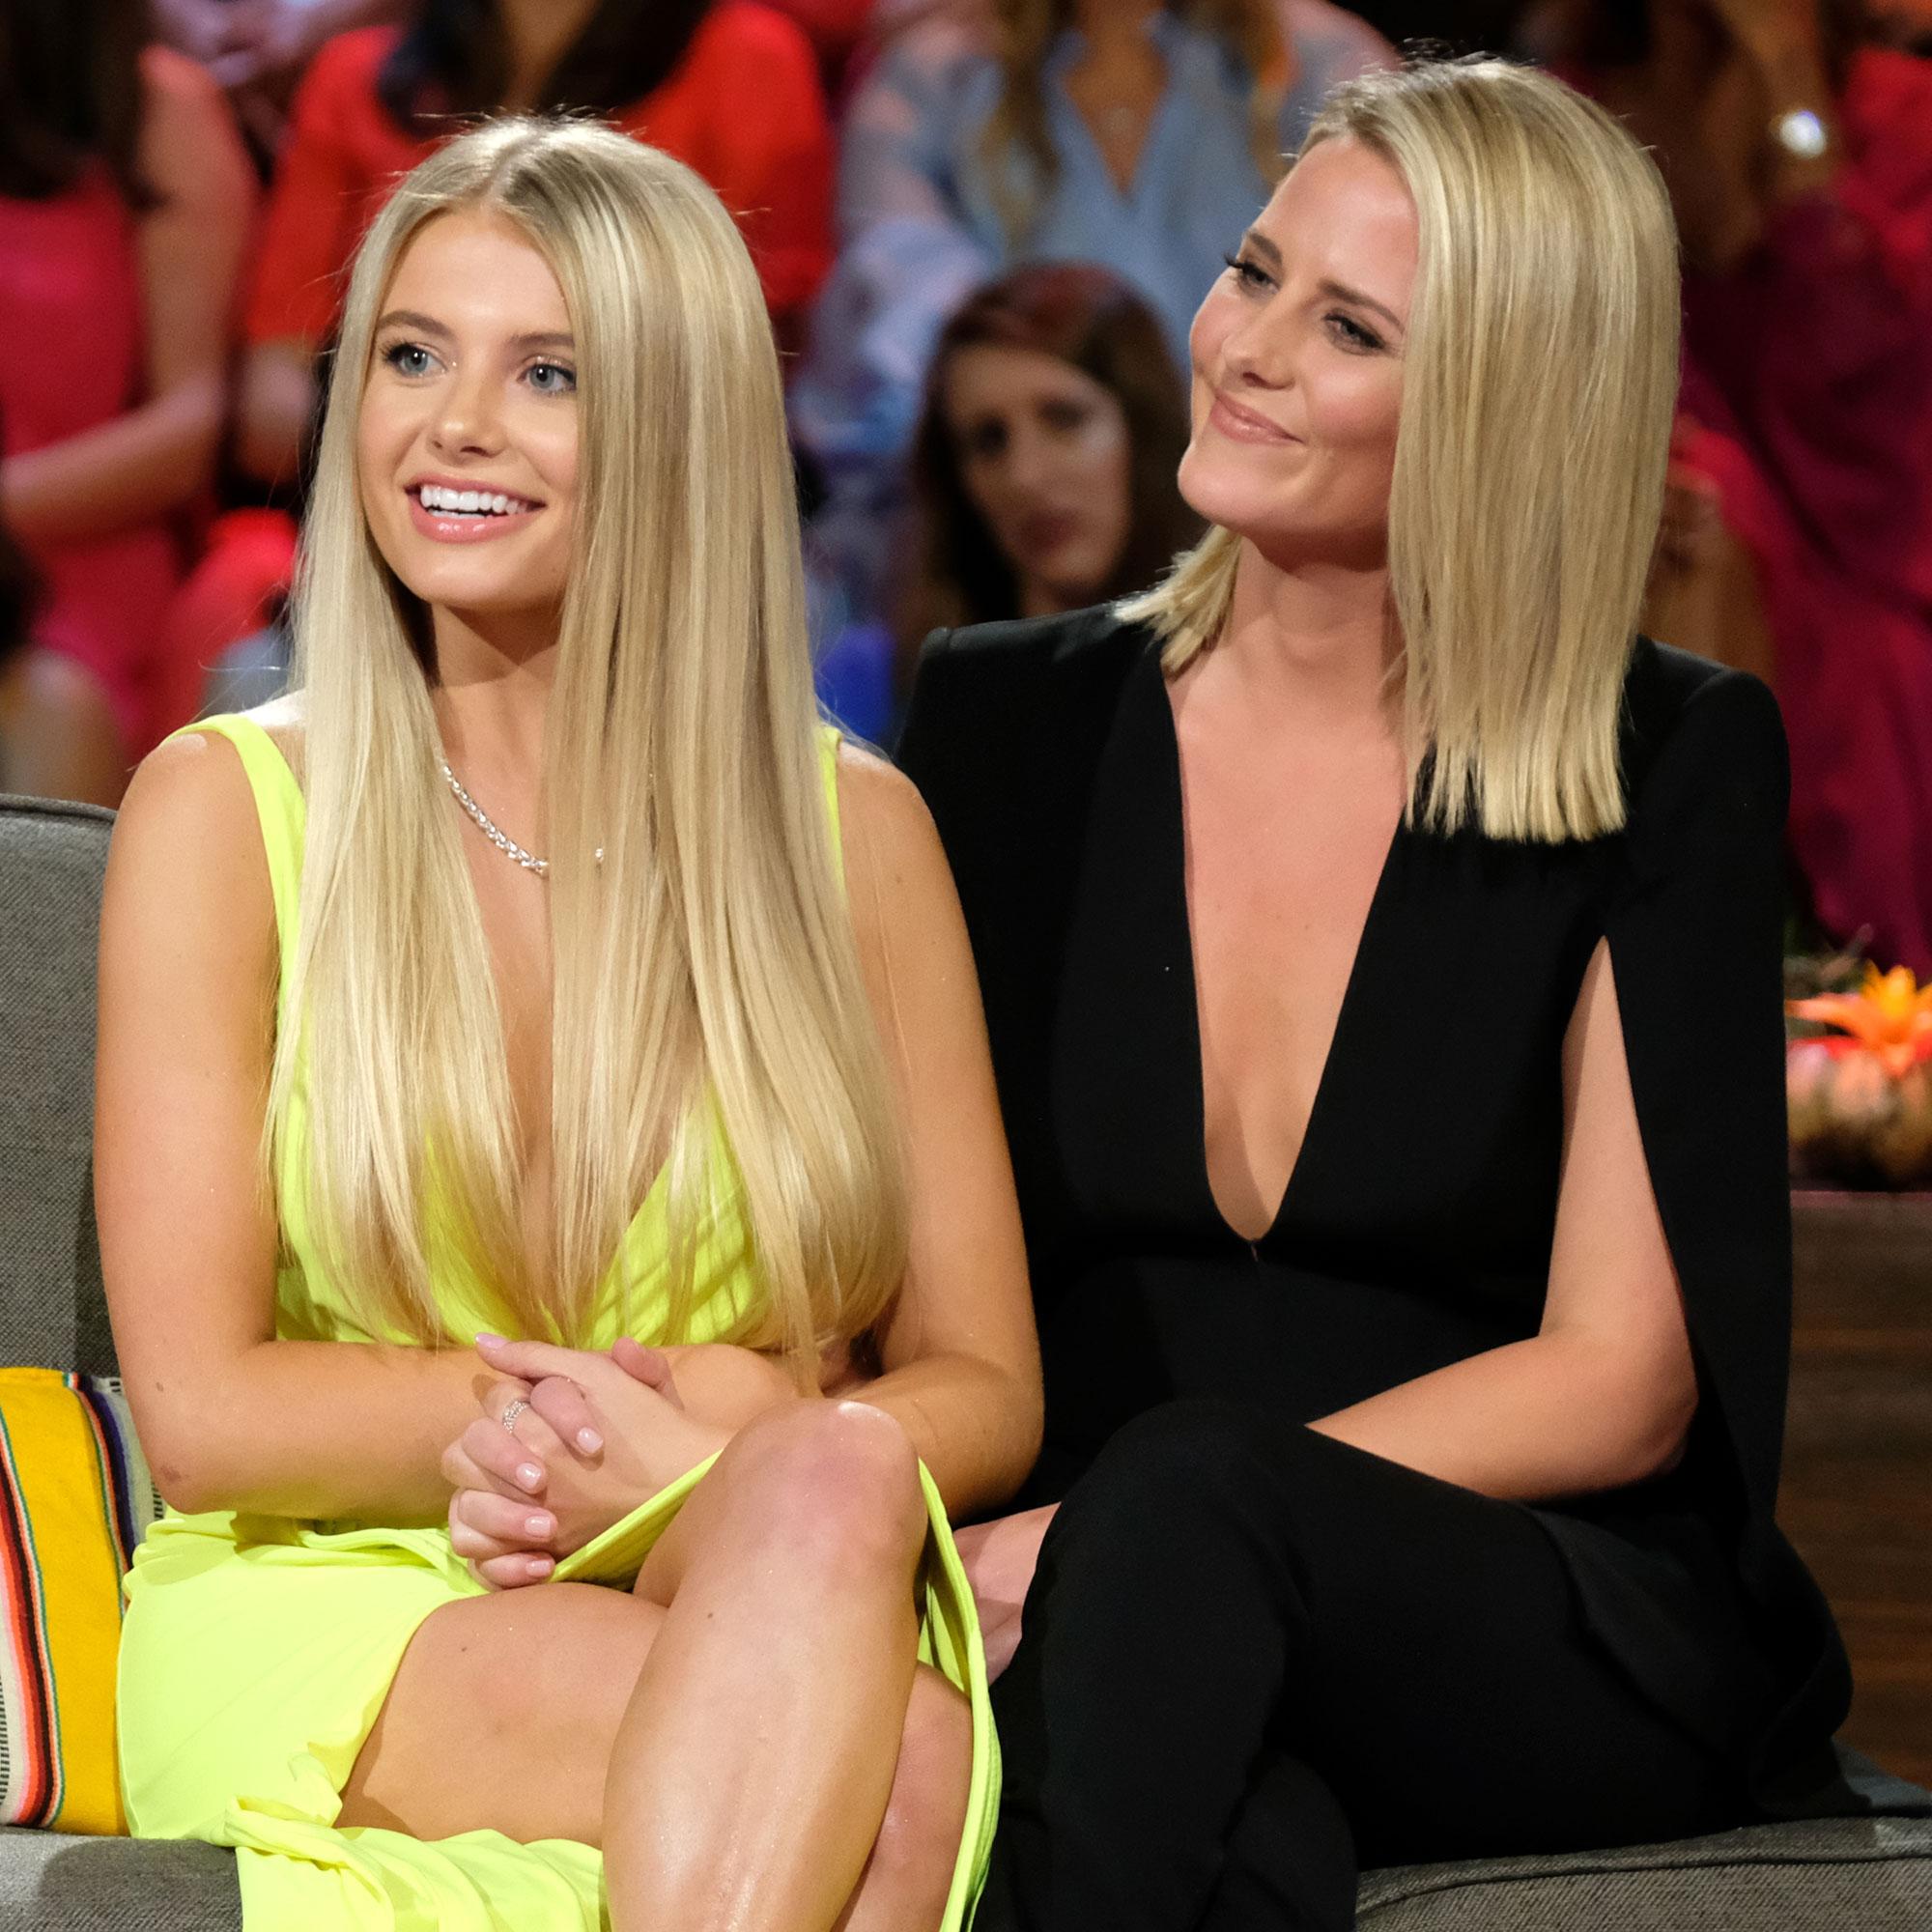 Bachelor in Paradise's Kristian Haggerty's Sister Calls Demi Burnett 'Desperate' Amid Split Rumors